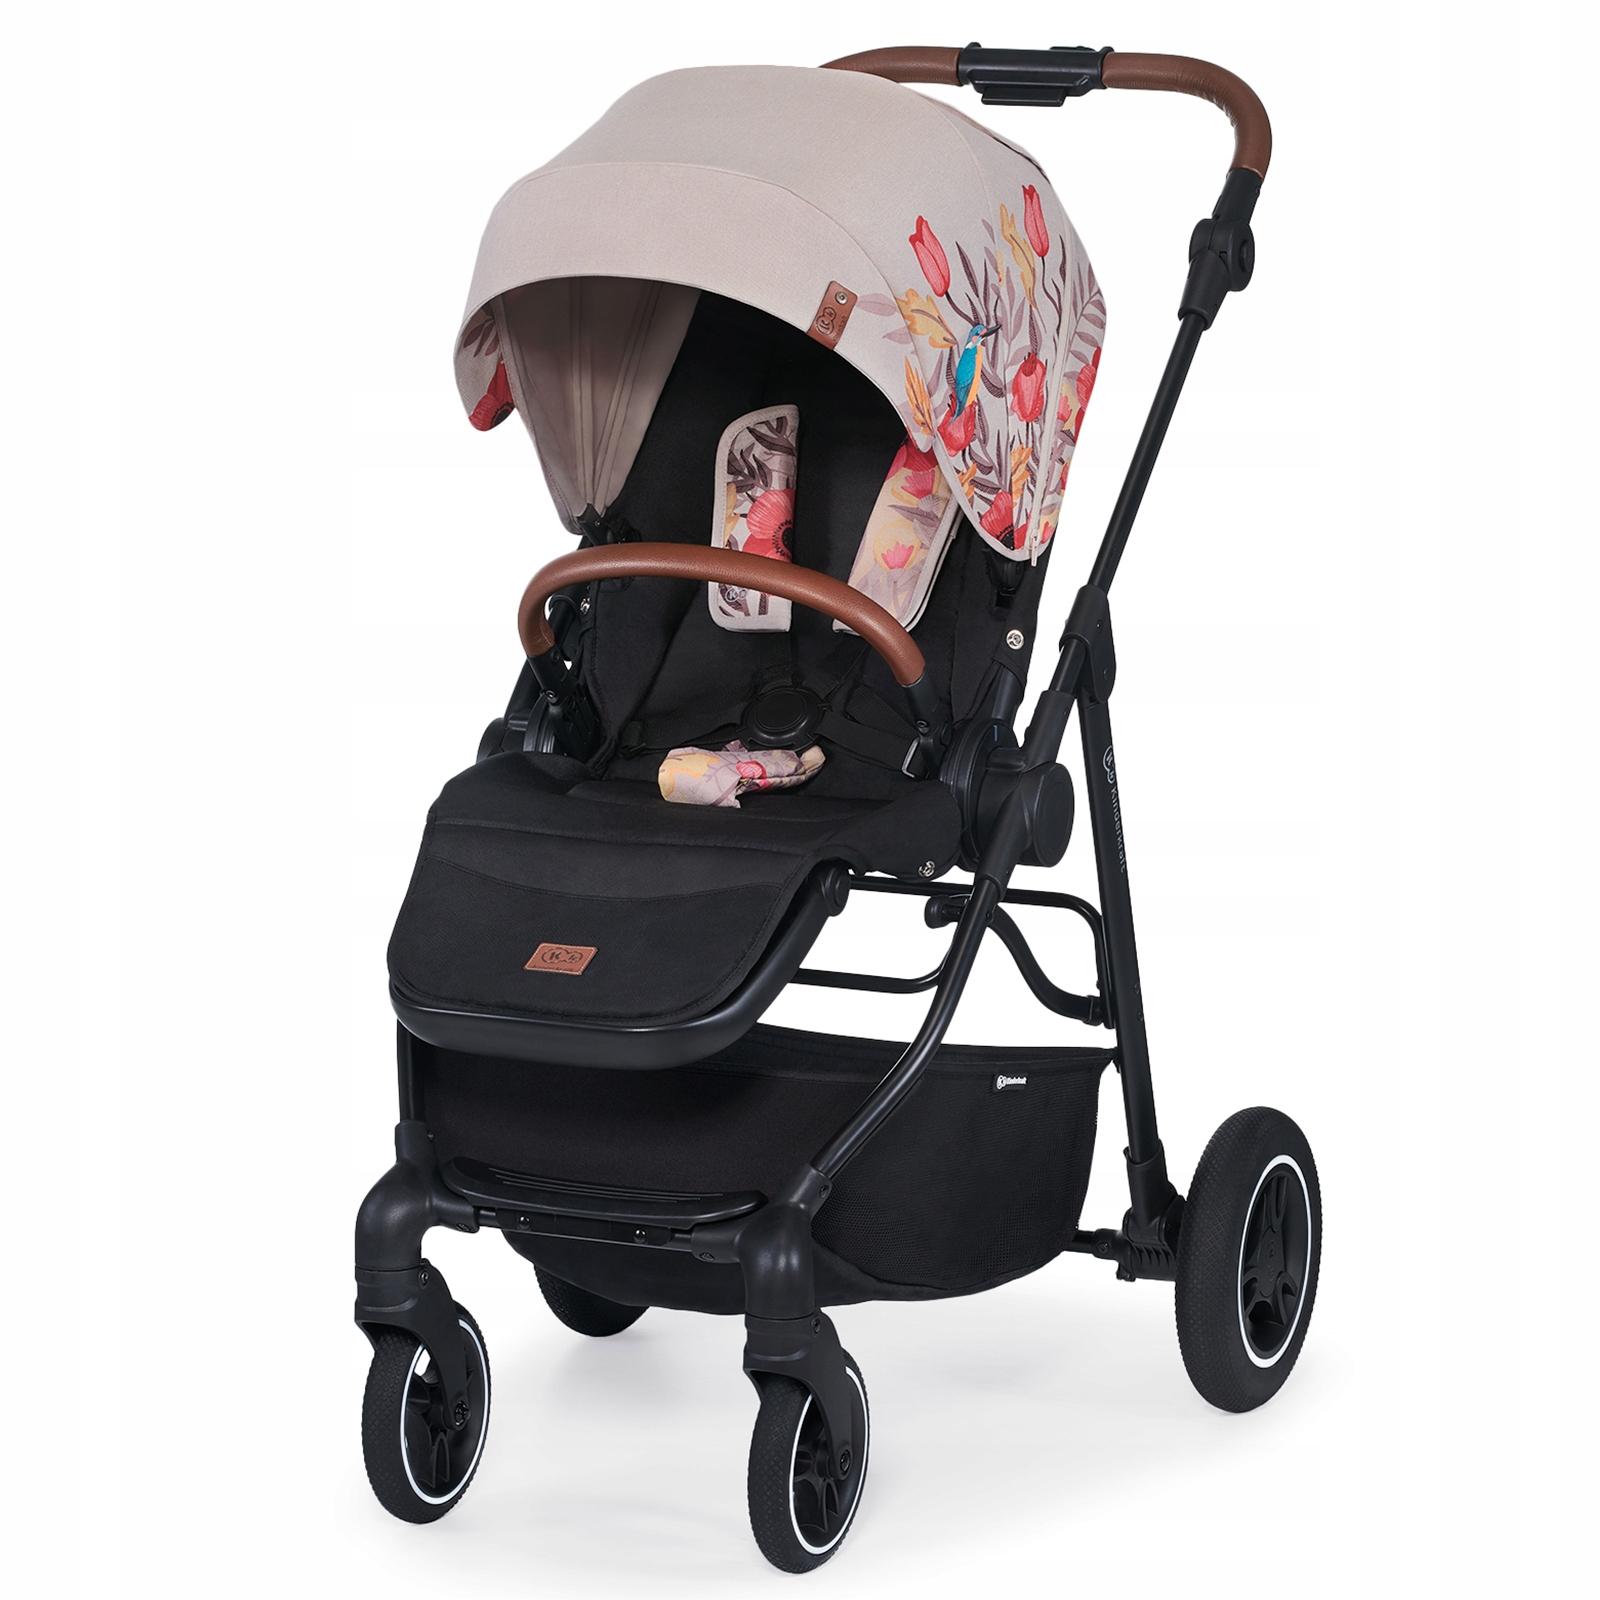 Wózek spacerowy Kinderkraft ALL ROAD FREEDOM